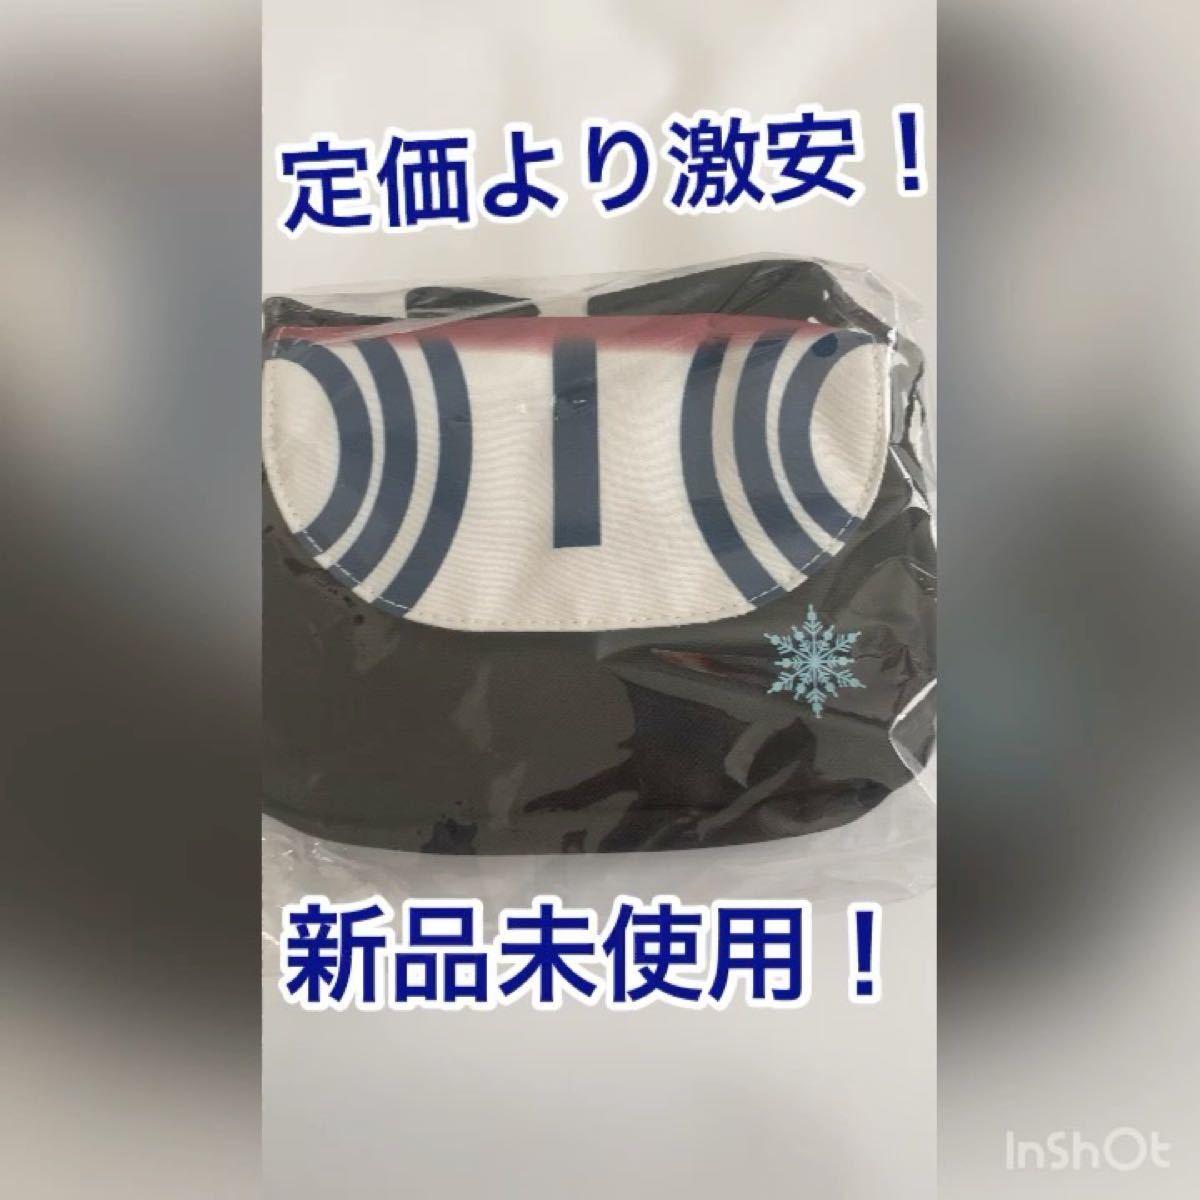 鬼滅の刃 猗窩座 スマホバッグ ショルダーバッグ 無限列車編 劇場版 煉獄杏寿郎